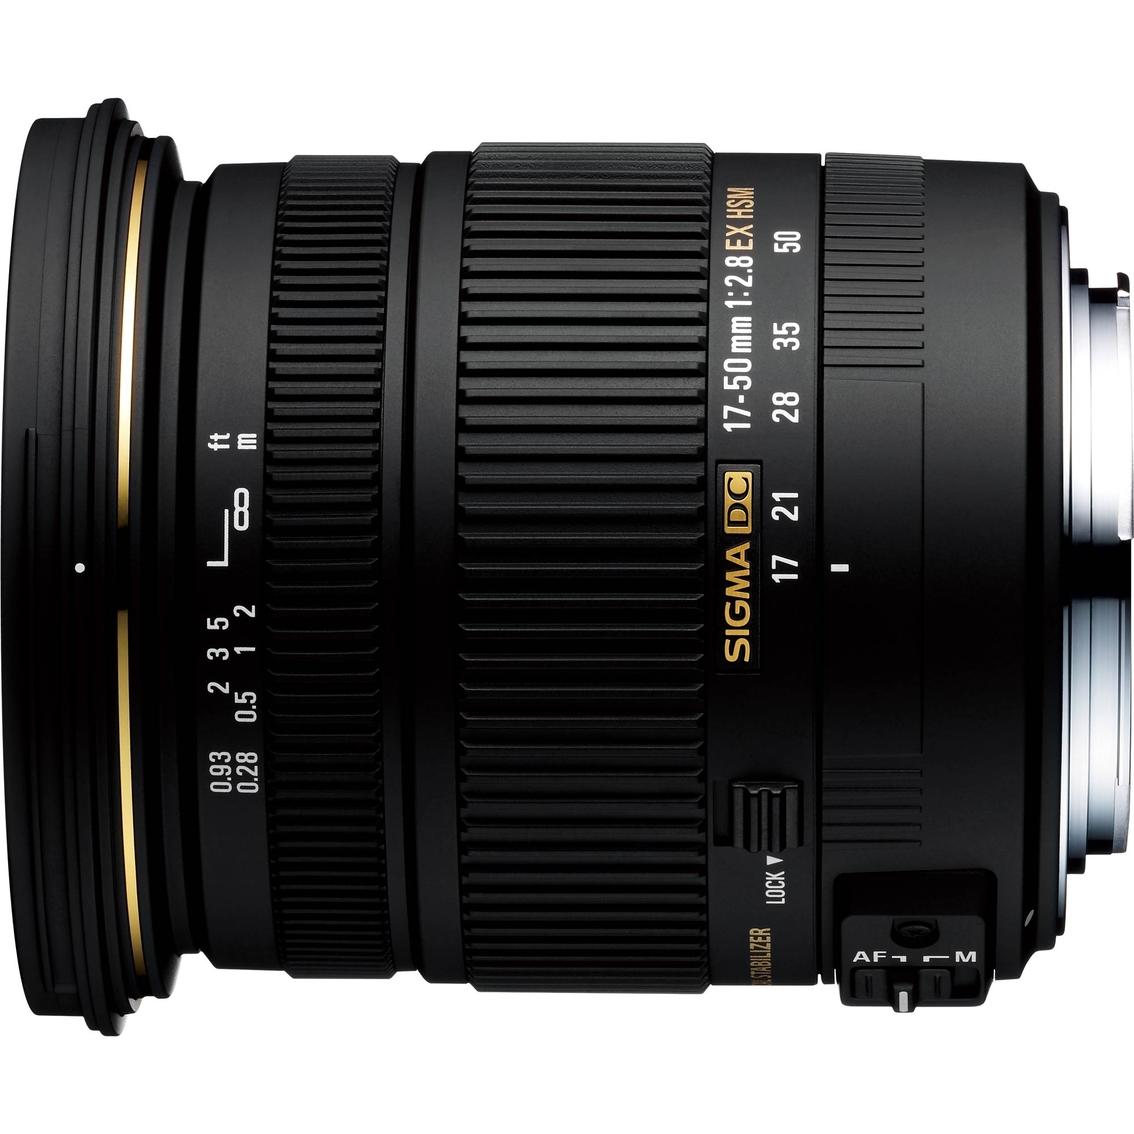 sigma 17 50mm f2 8 ex dc os hsm for nikon lenses electronics shop the exchange. Black Bedroom Furniture Sets. Home Design Ideas